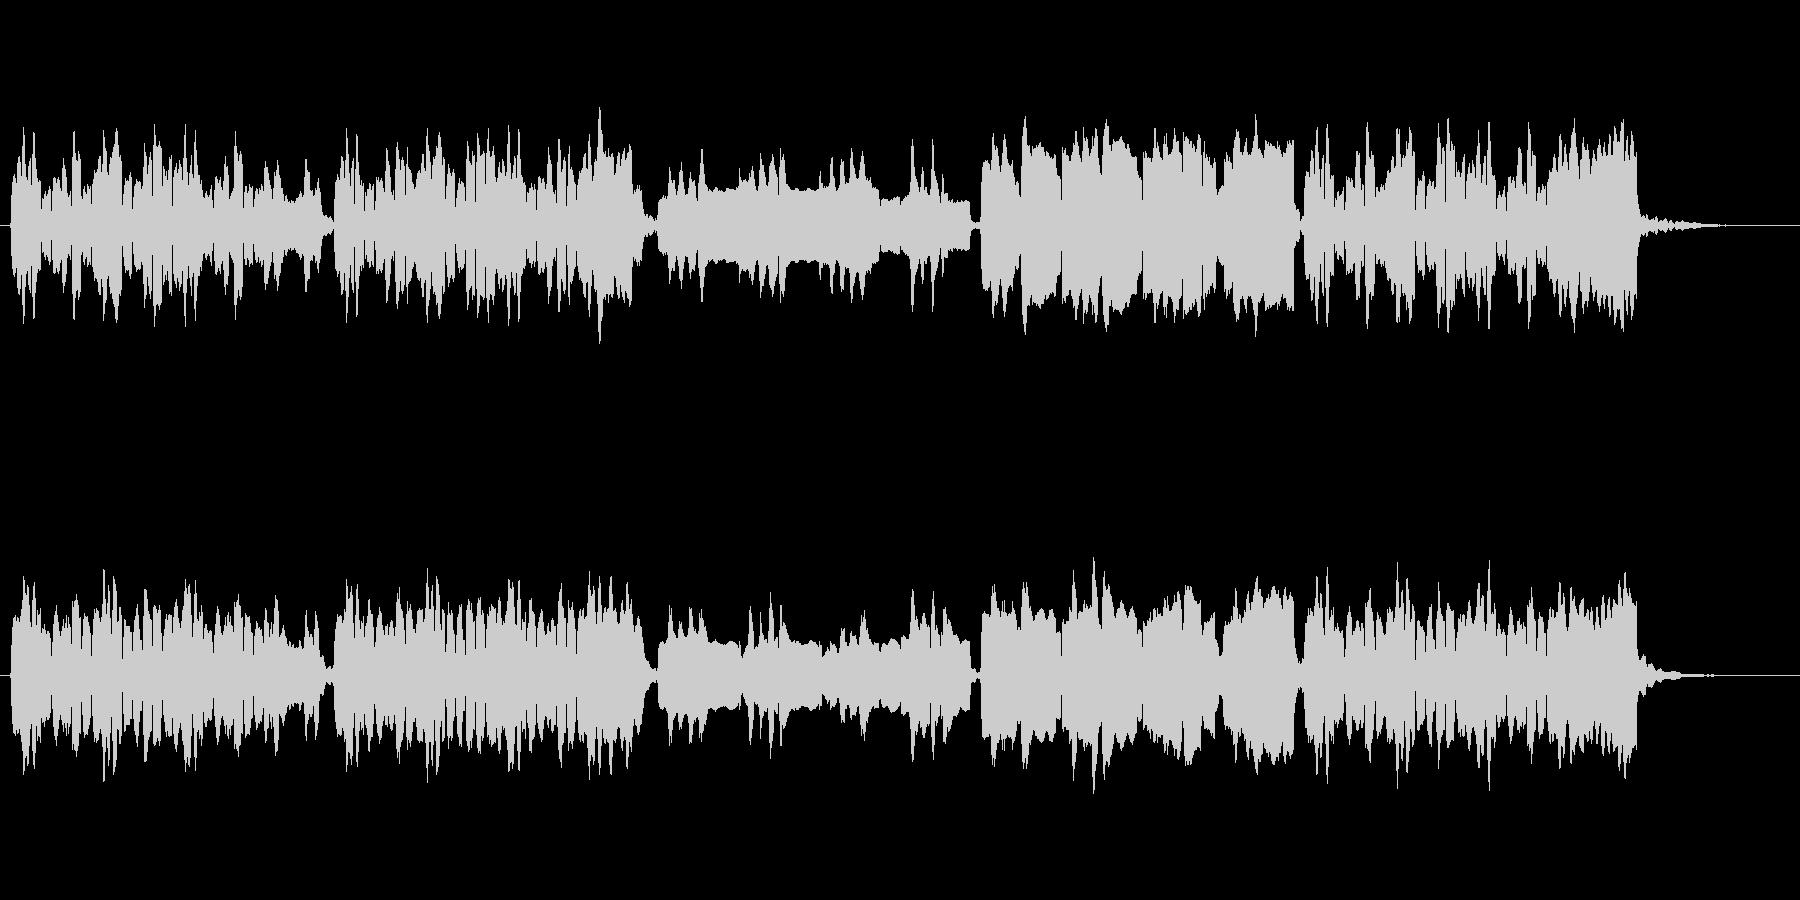 ほのぼの日常/街のシンプルなBGMの未再生の波形